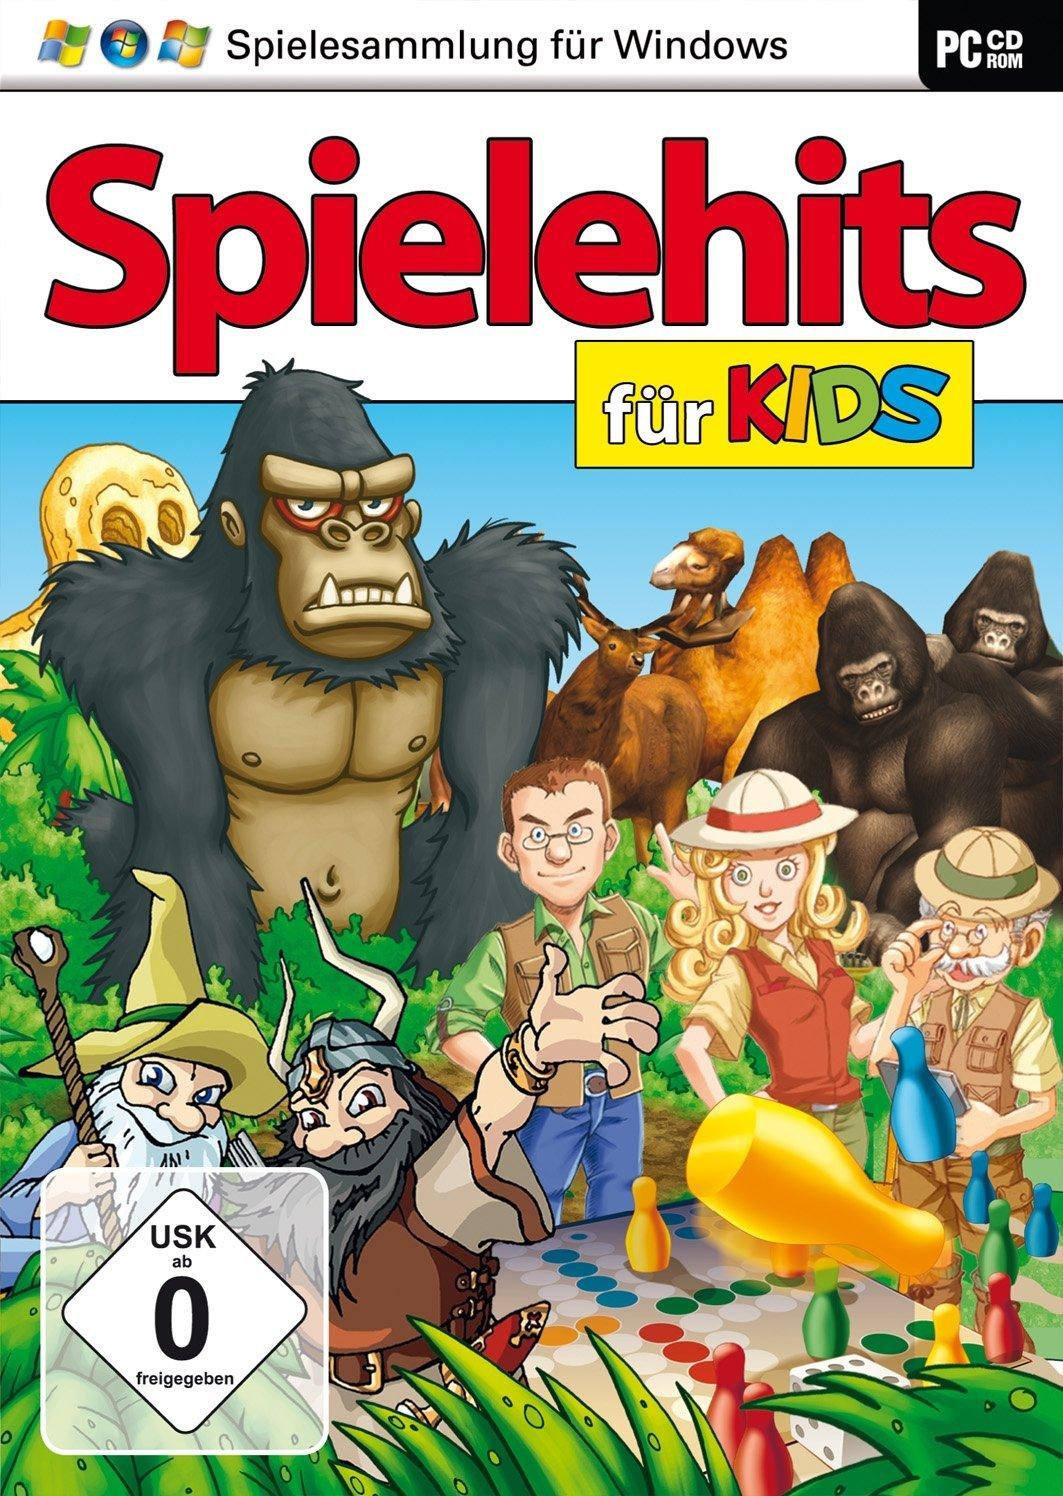 Spielehits für Kids